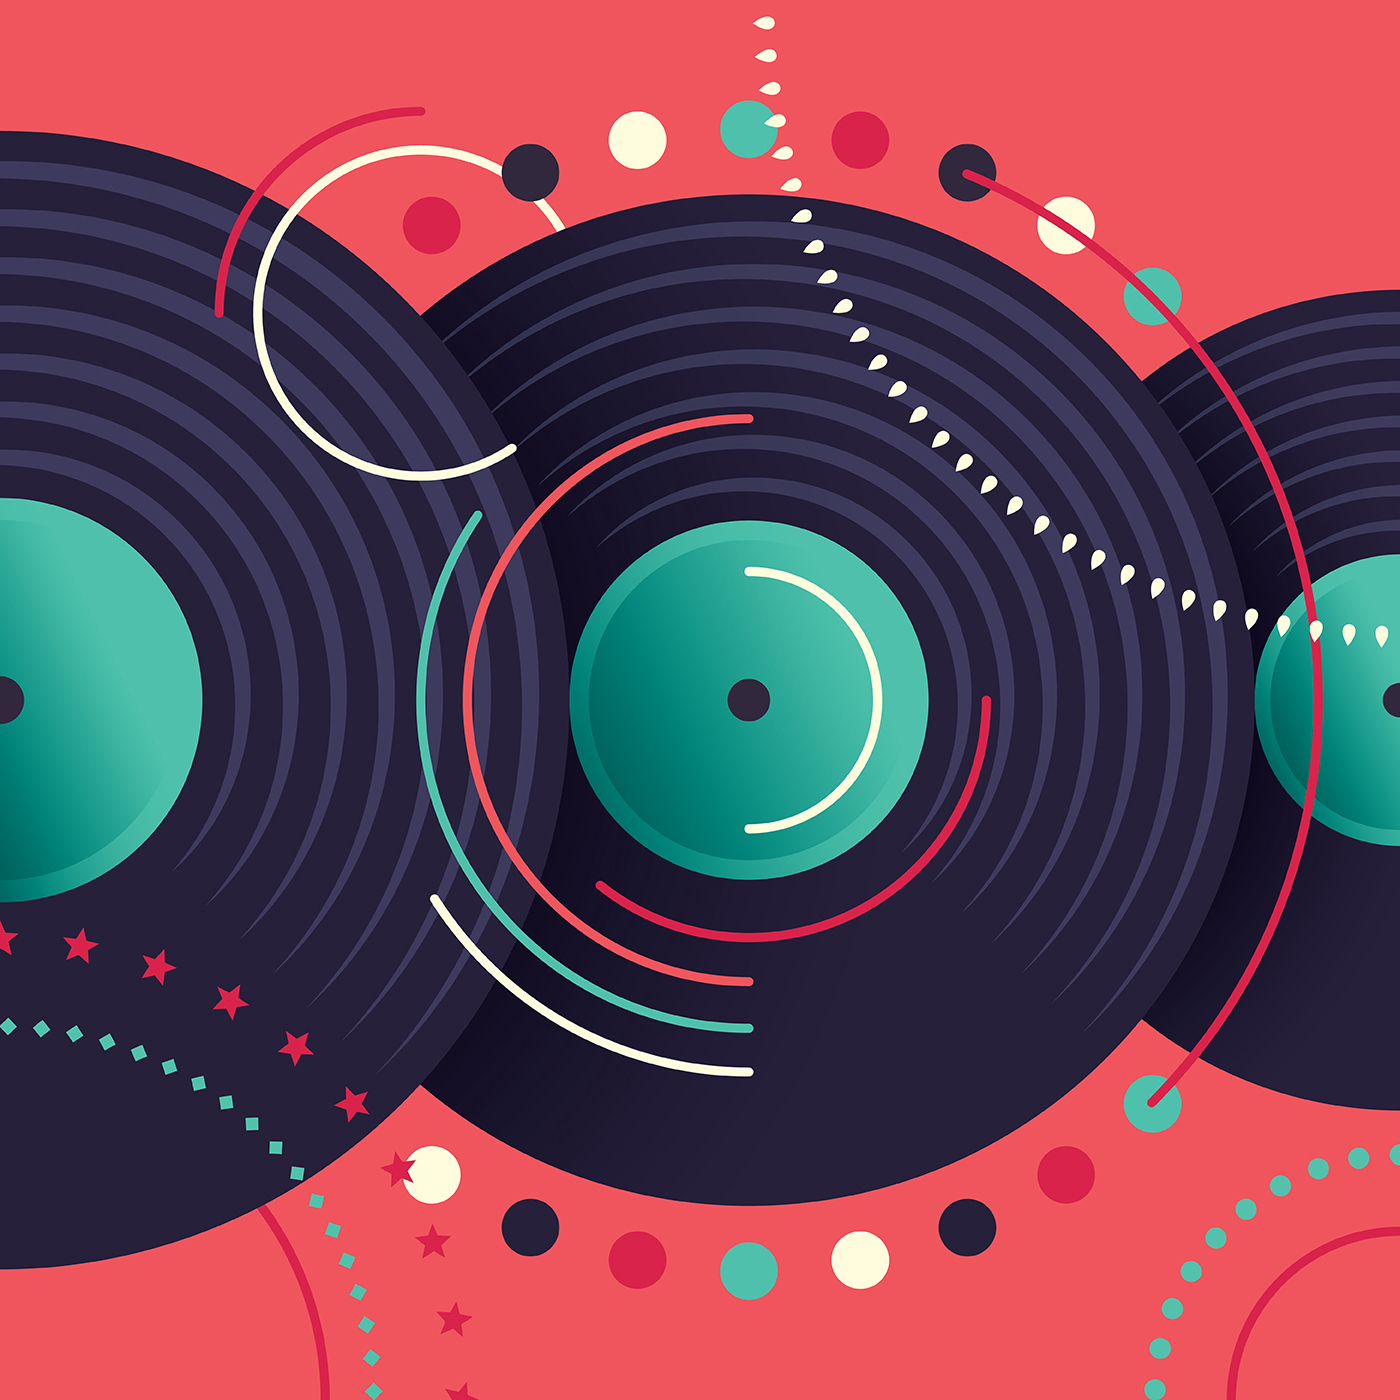 Vinyl Records Download Free Vectors Clipart Graphics